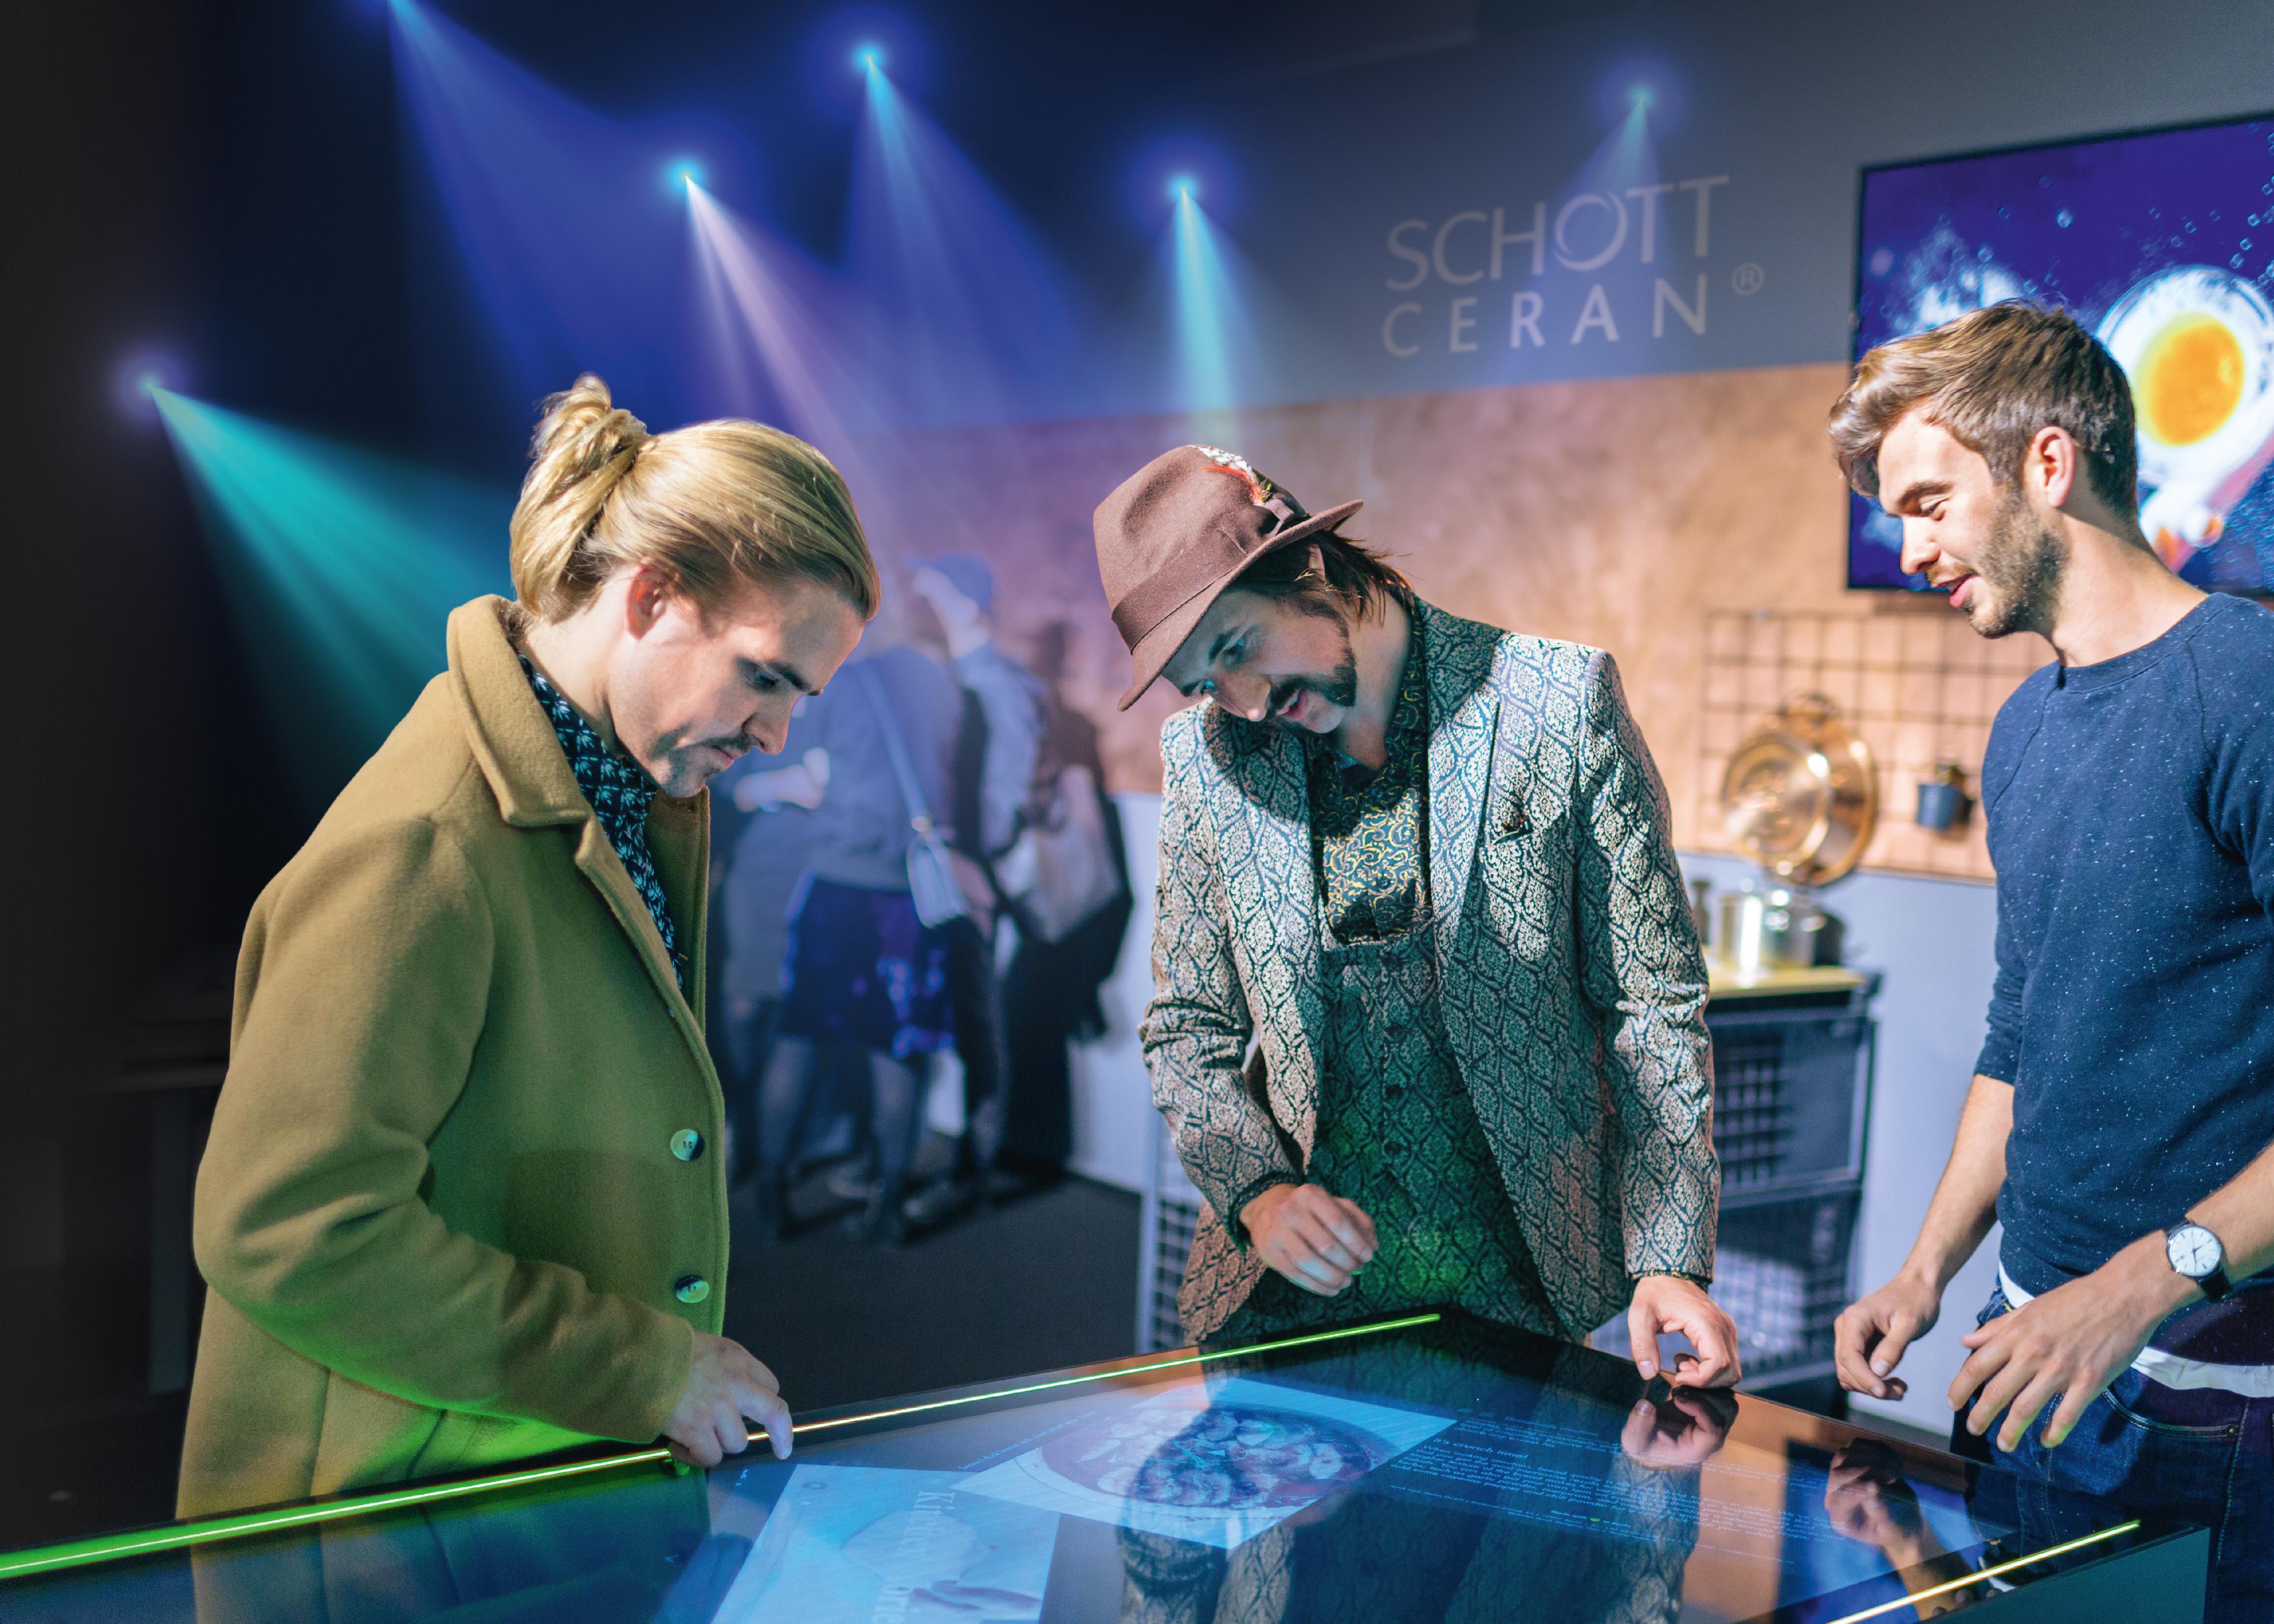 Eine Gruppe junger Leute betrachtet eine SCHOTT CERAN EXCITE® Glaskeramik-Kochfläche auf einer Ausstellung Zwei SCHOTT Qualitätsingenieure prüfen eine SCHOTT CERAN® Glaskeramik-Kochfläche